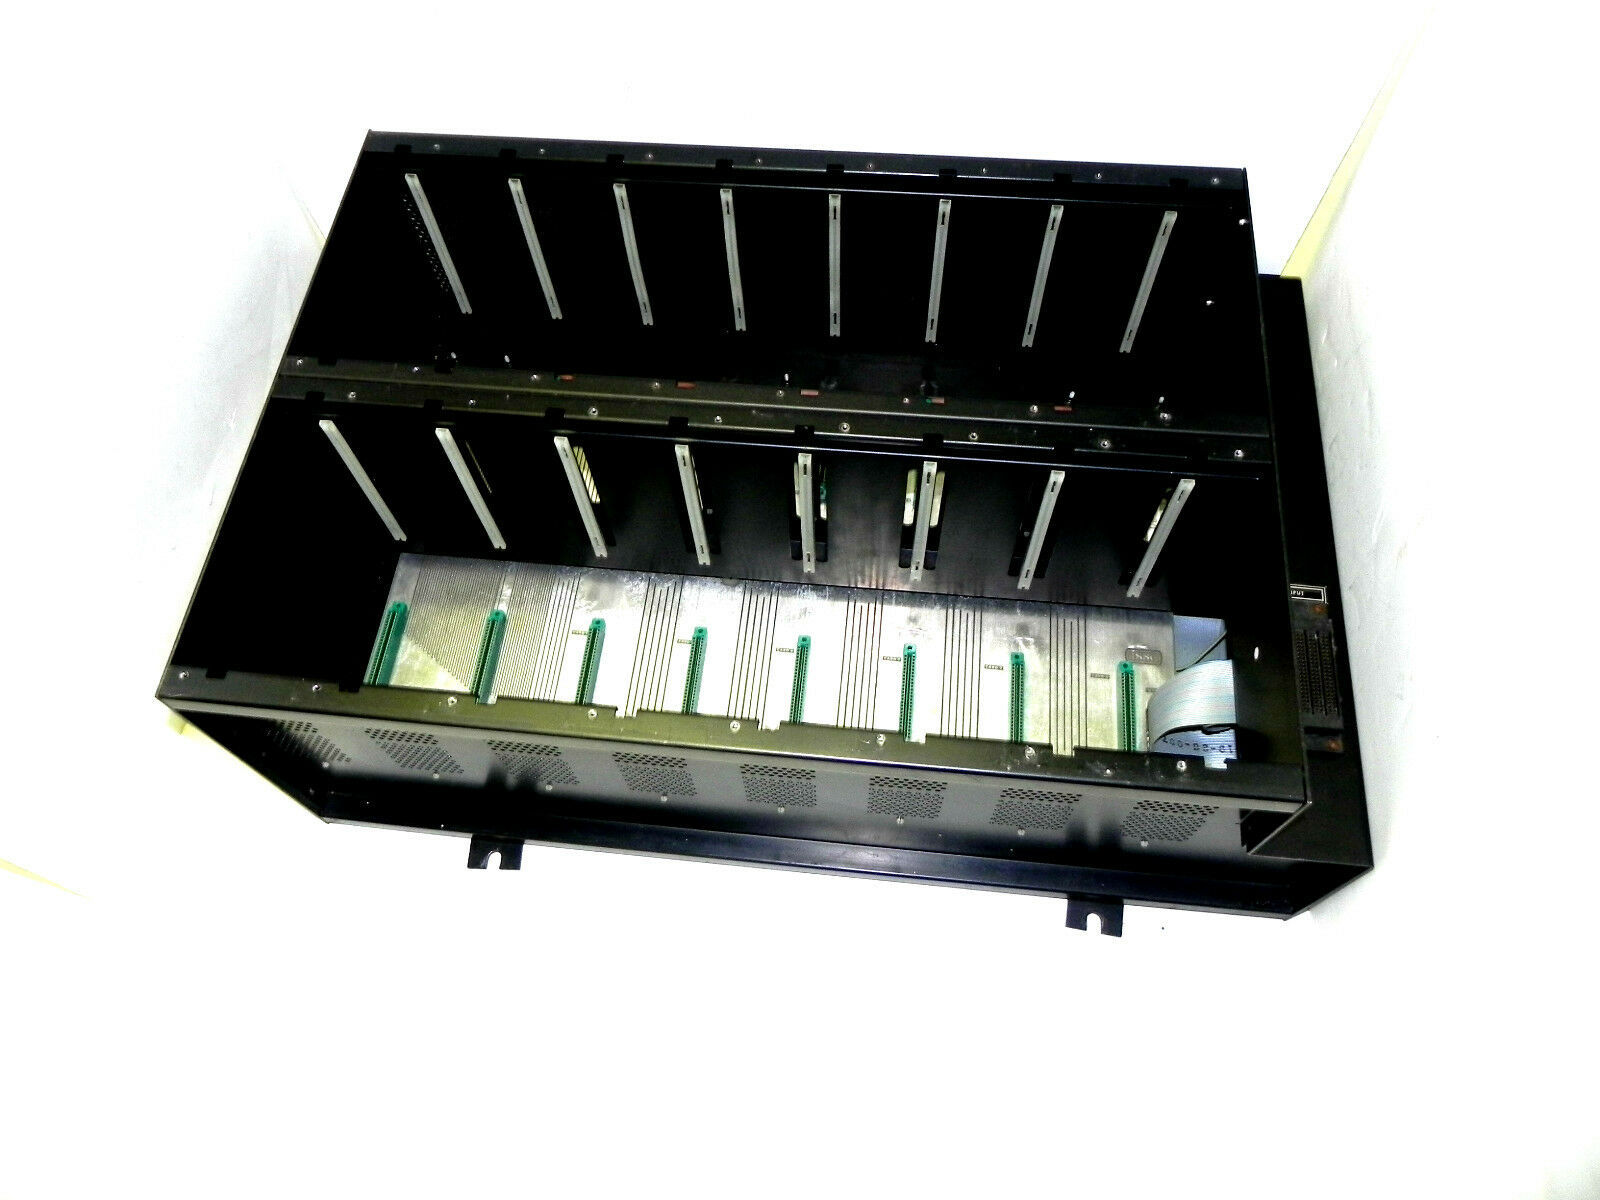 ISSC MODEL 321 MODULE SLOT RACK SER. 81951